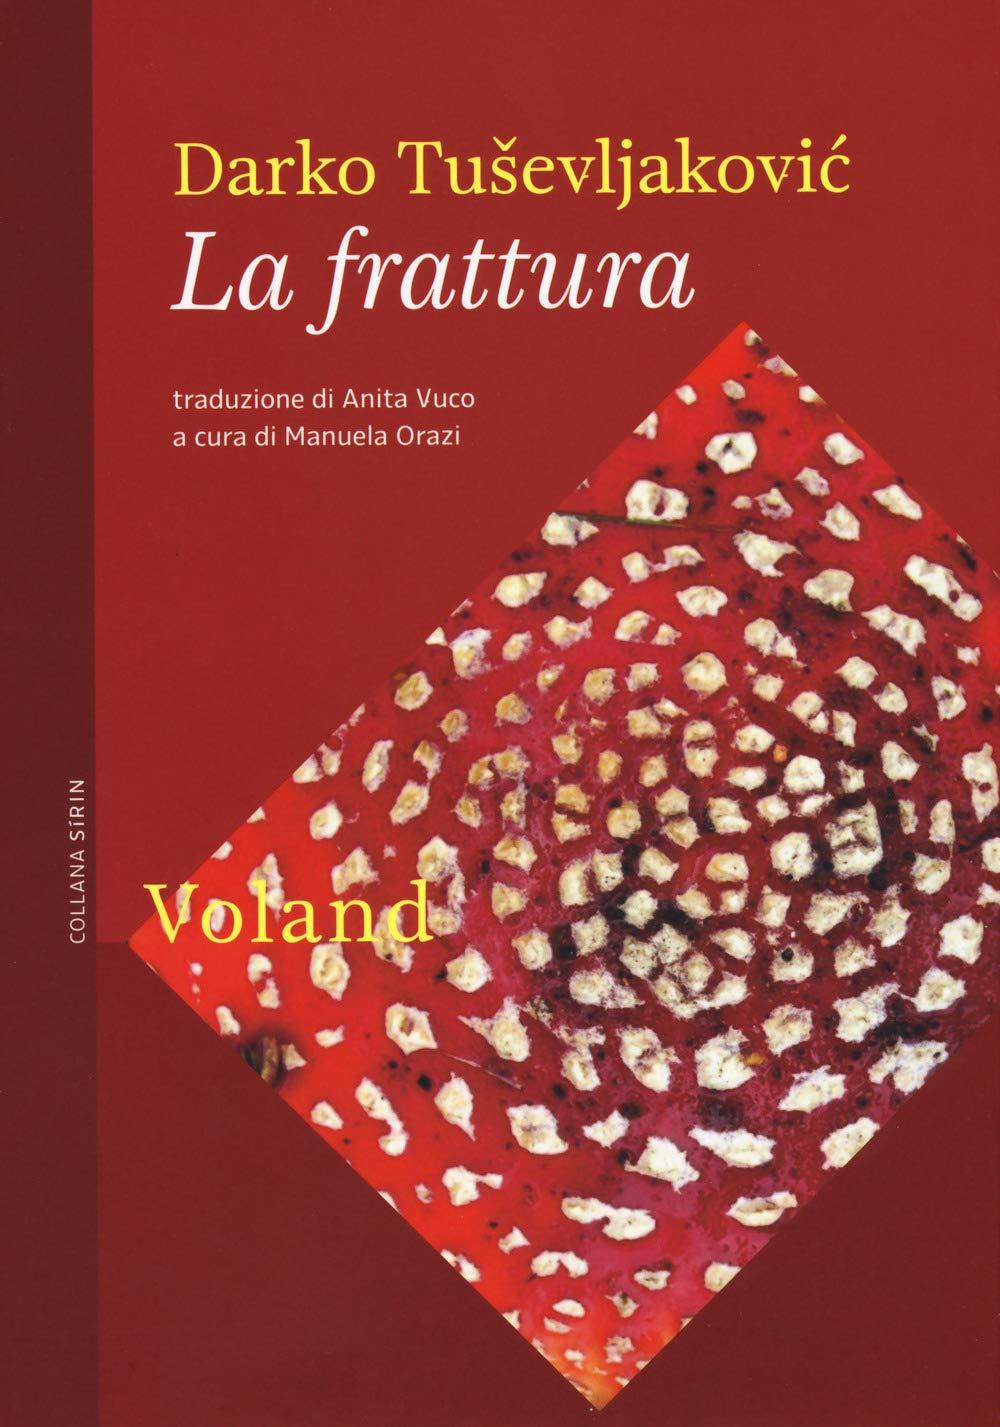 La frattura - Darko Tuševljaković - Libri Dicembre 2019